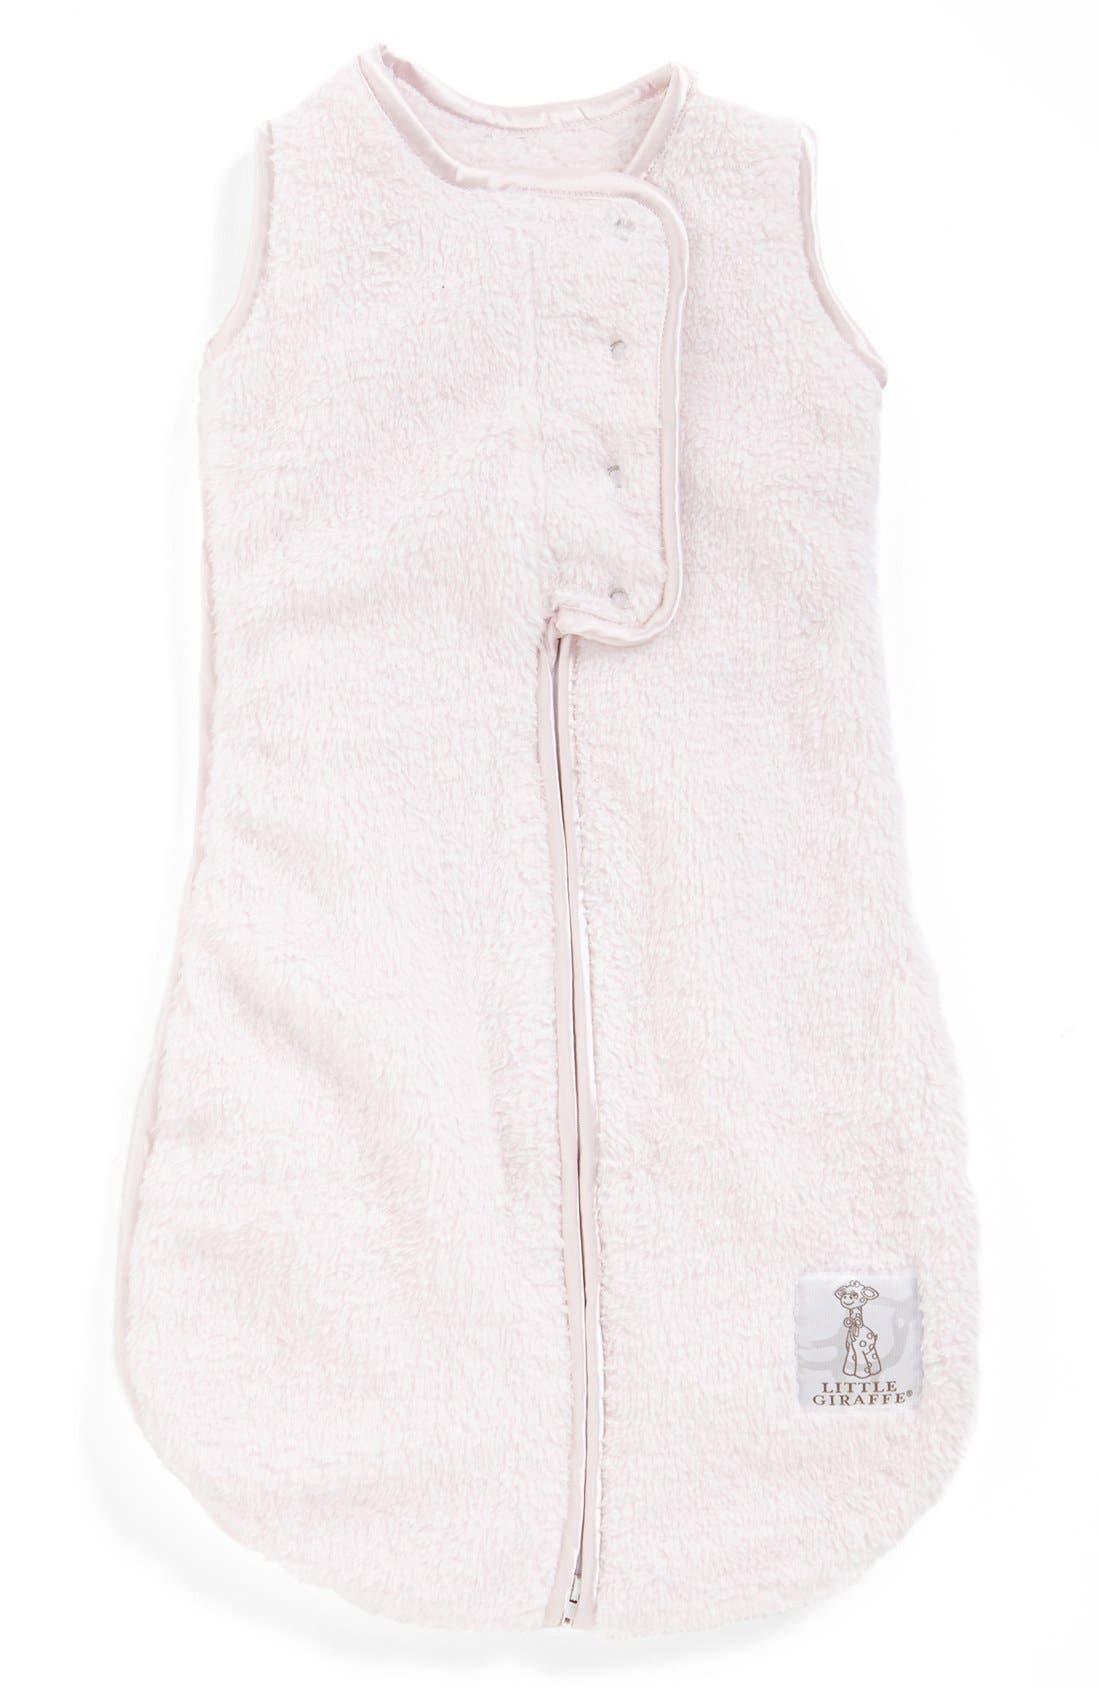 Alternate Image 1 Selected - Little Giraffe 'Dream Sack™' Chenille Wearable Blanket (Baby) (Online Only)